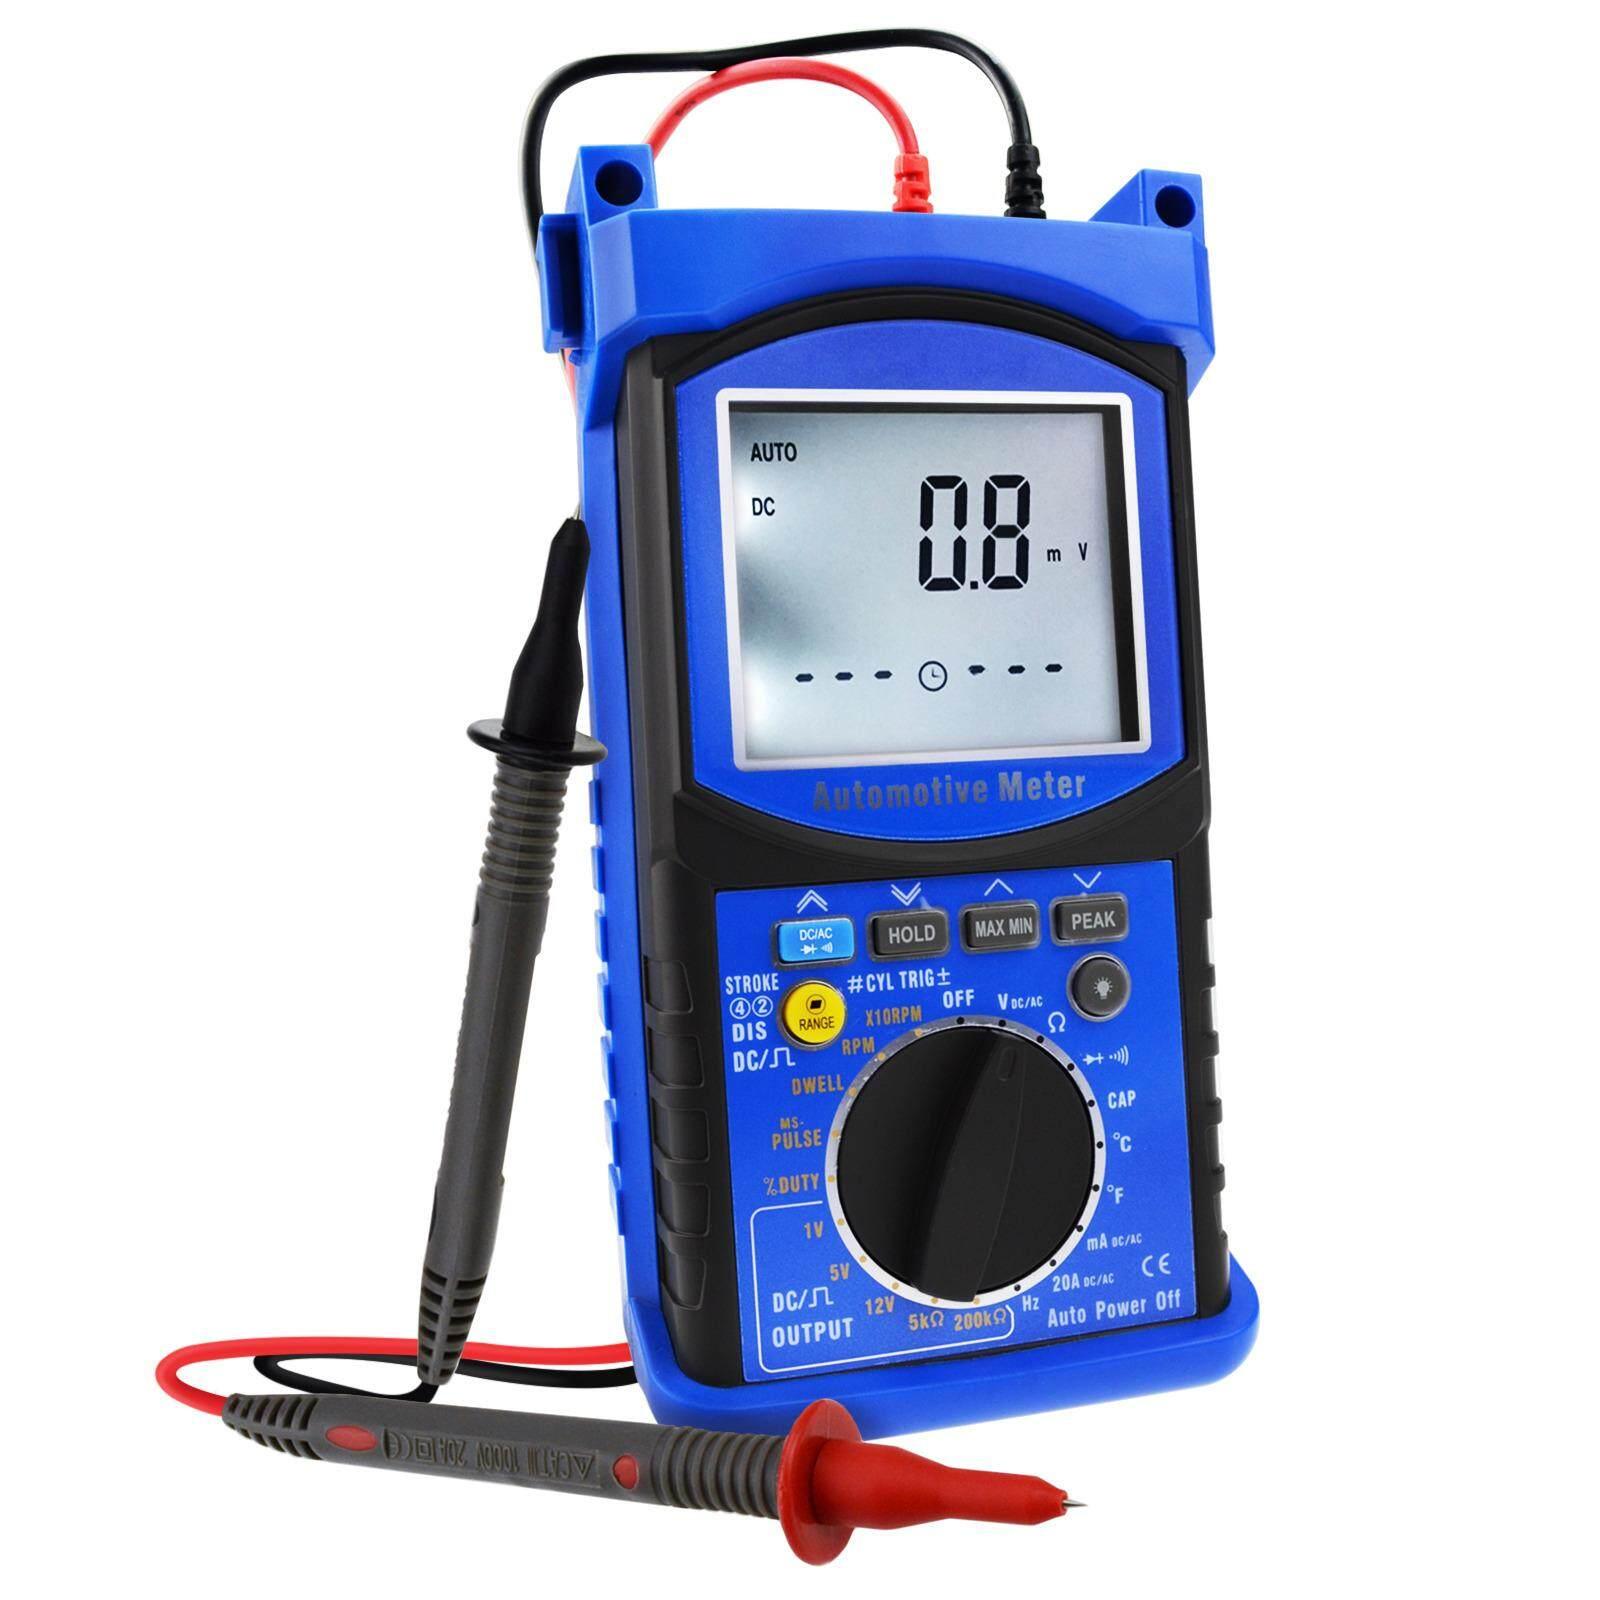 Digital Electromagnetic Radiation Detector DT 1130 Black Source · ENG 215 Gain Express Digital Engine Analyzer